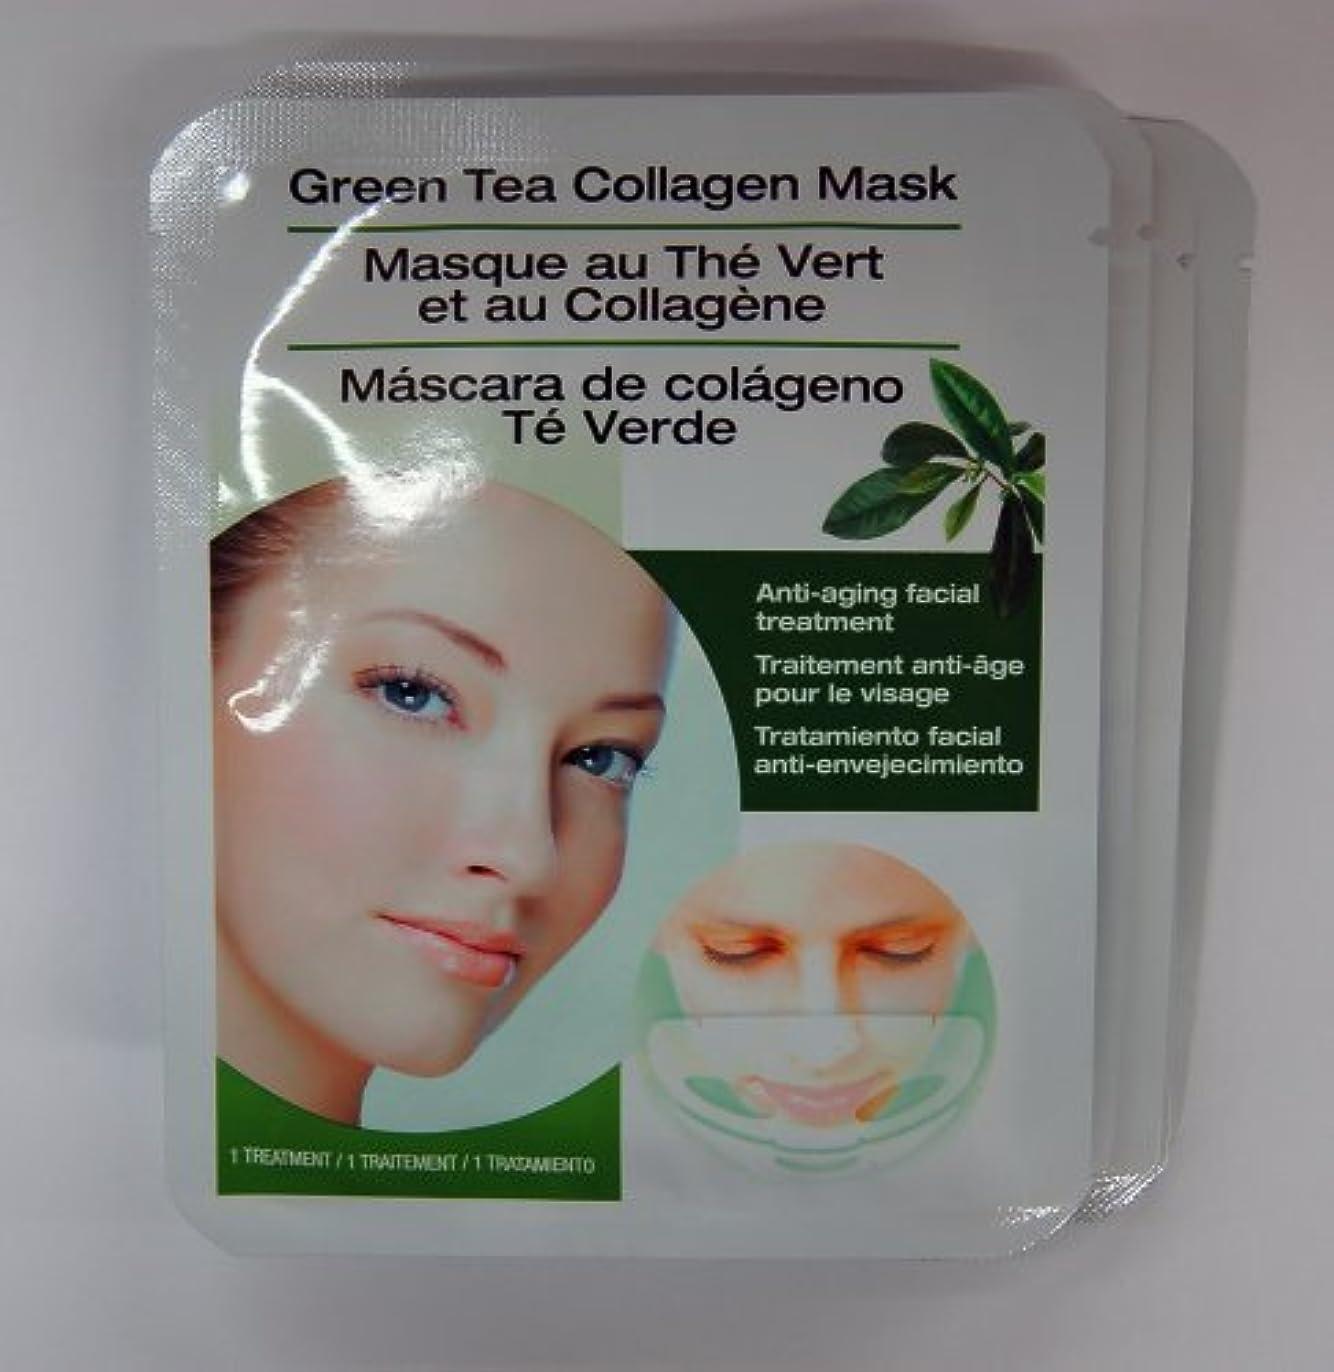 出発陸軍ペパーミントDermactin-TS コラーゲンマスク、緑茶 (並行輸入品)